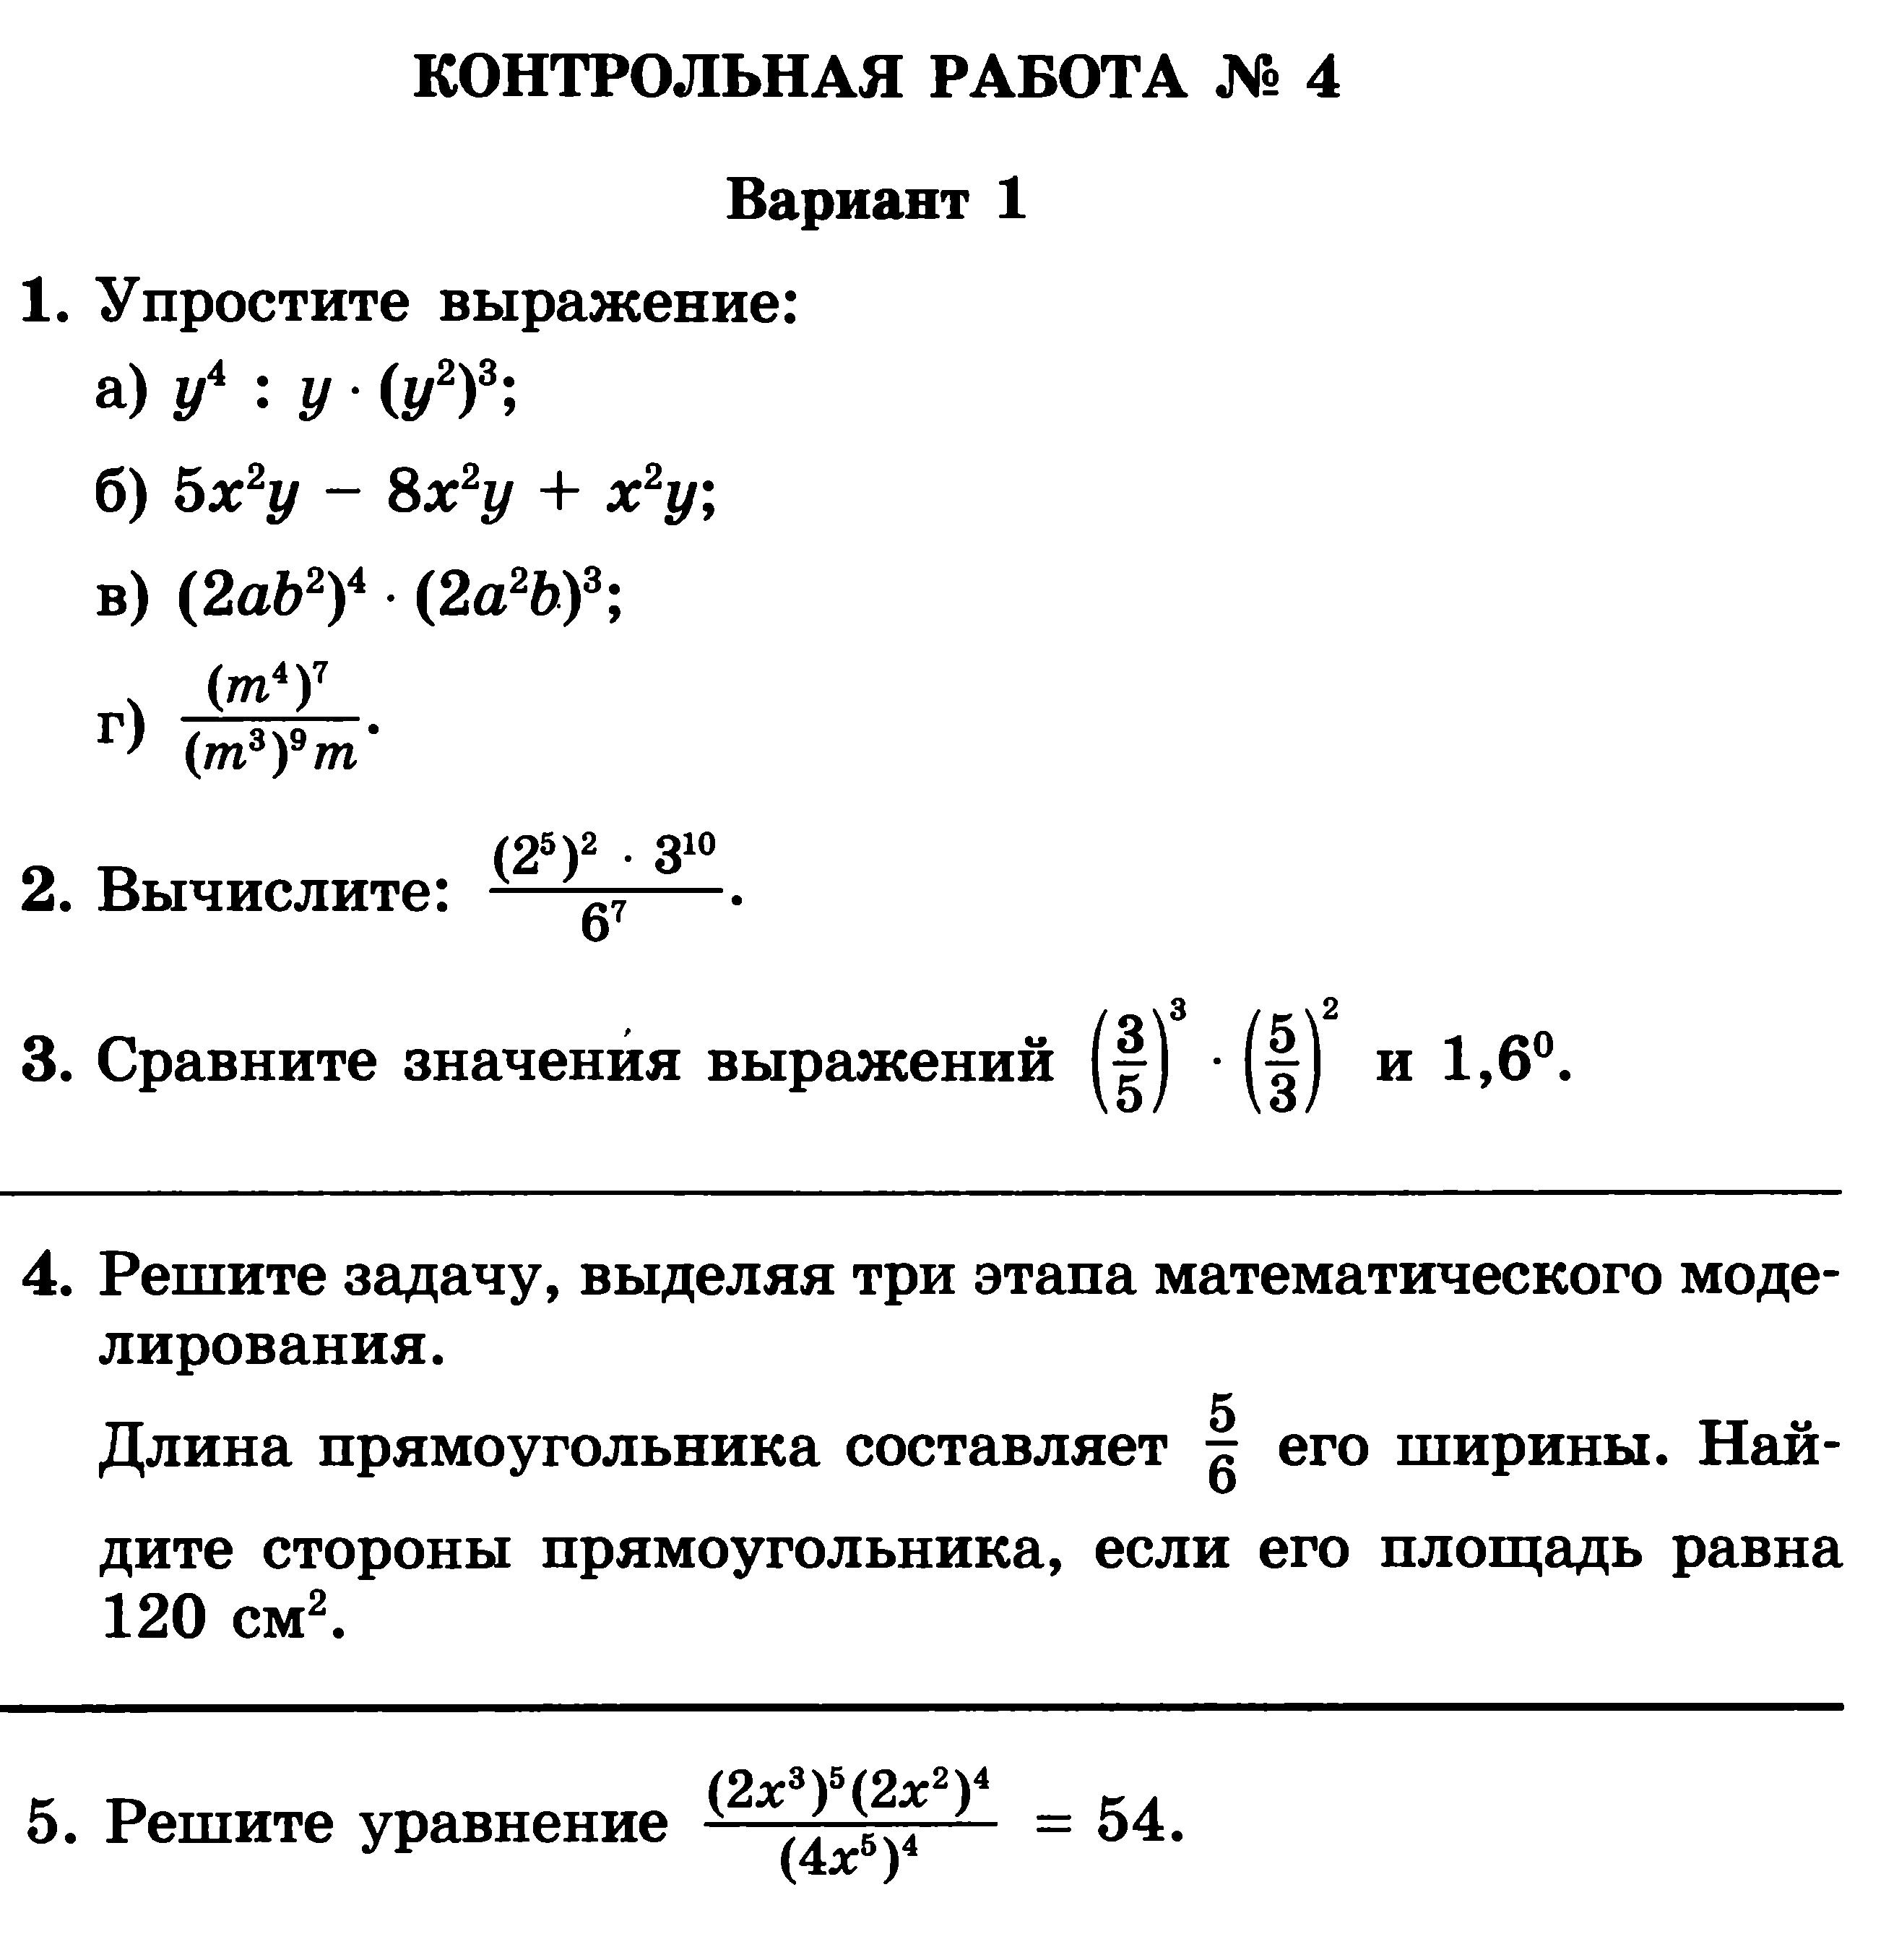 Рабочая программа по математике 9 класс мордкович атанасян